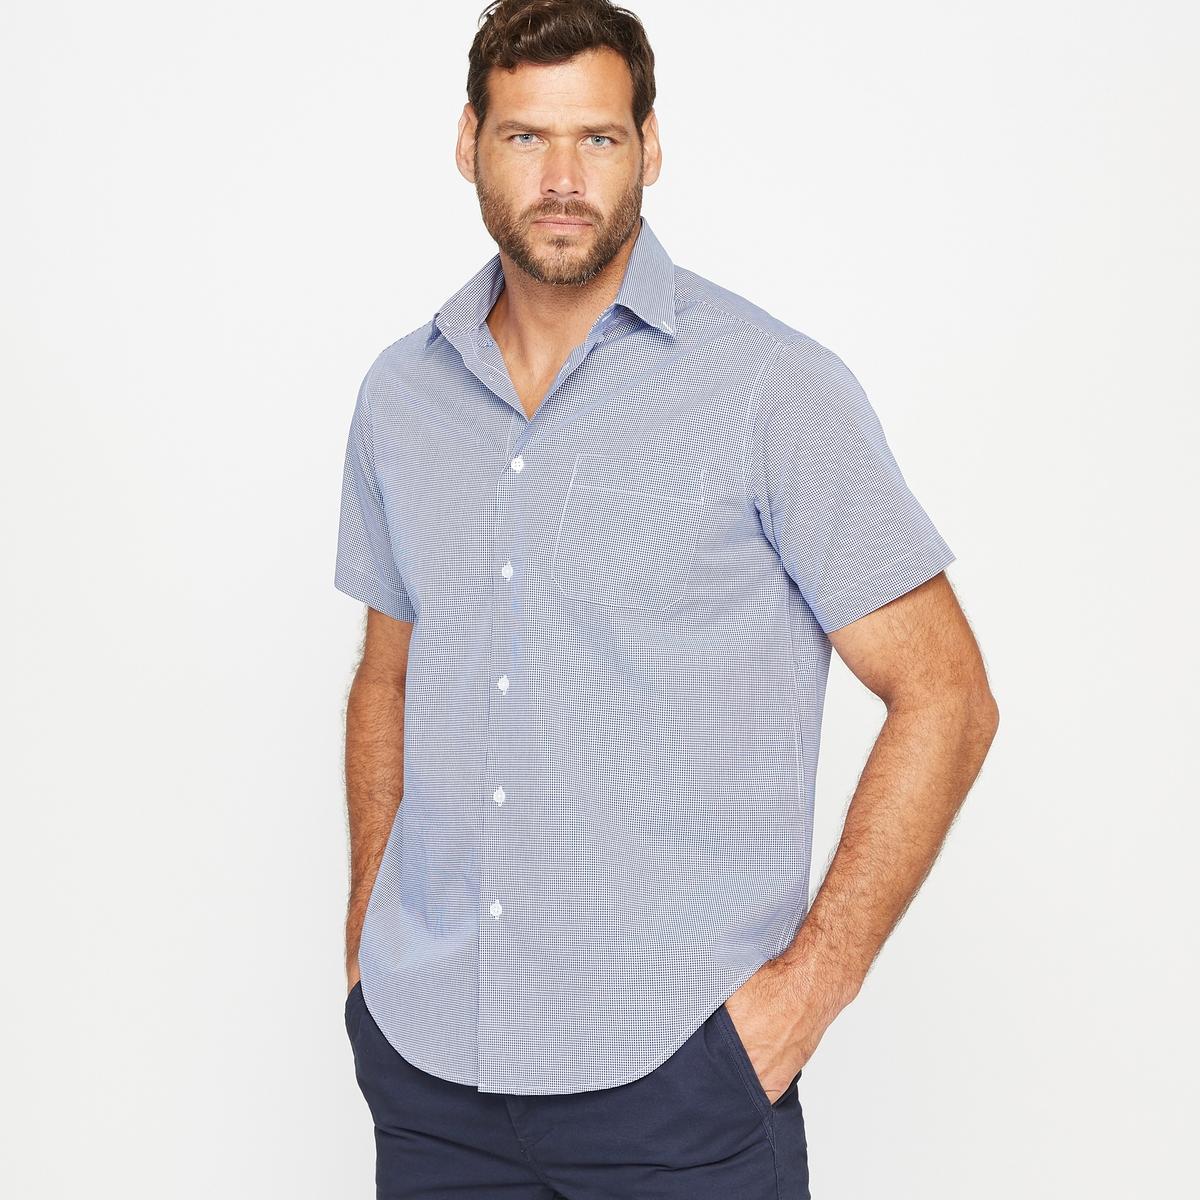 Рубашка (до 187 см)Рубашка из поплина, рост 1 и 2 (до 187 см).Удобный покрой.Воротник с уголками на пуговицах.Короткие рукава.1 нагрудный карман.2 складки на спине. Слегка закругленный низ.Также имеется модель этой мужской рубашки для роста 3 (при росте 187 см).Материал : поплин 100% хлопок.Рост 1 и 2  : Длина передней части от 80 до 87 см, в зависимости от размера.Марка : CASTALUNA FOR MEN.Уход : Машинная стирка при 30 °C.<br><br>Цвет: в полоску белый/синий,наб. рисунок темно-синий,наб.рисунок/антрацит<br>Размер: 49/50.55/56.53/54